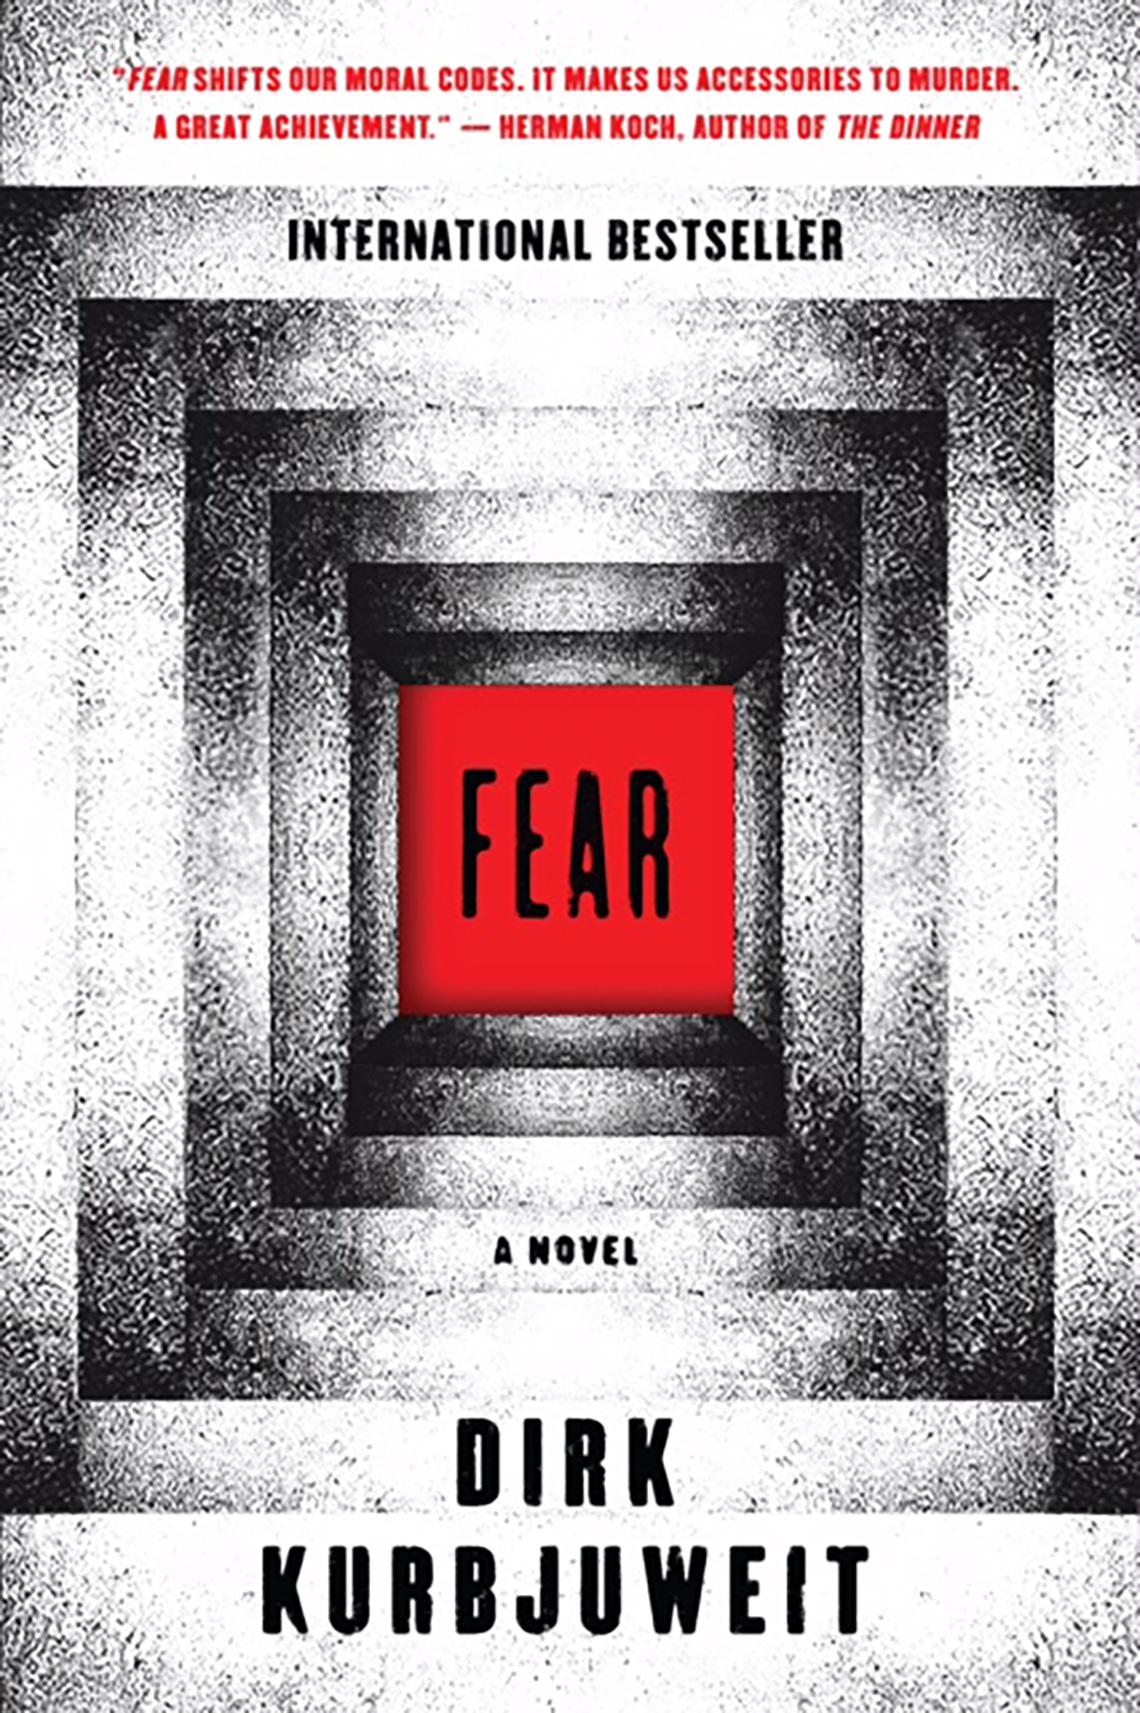 'Fear: A Novel' by Dirk Kurbjeweit